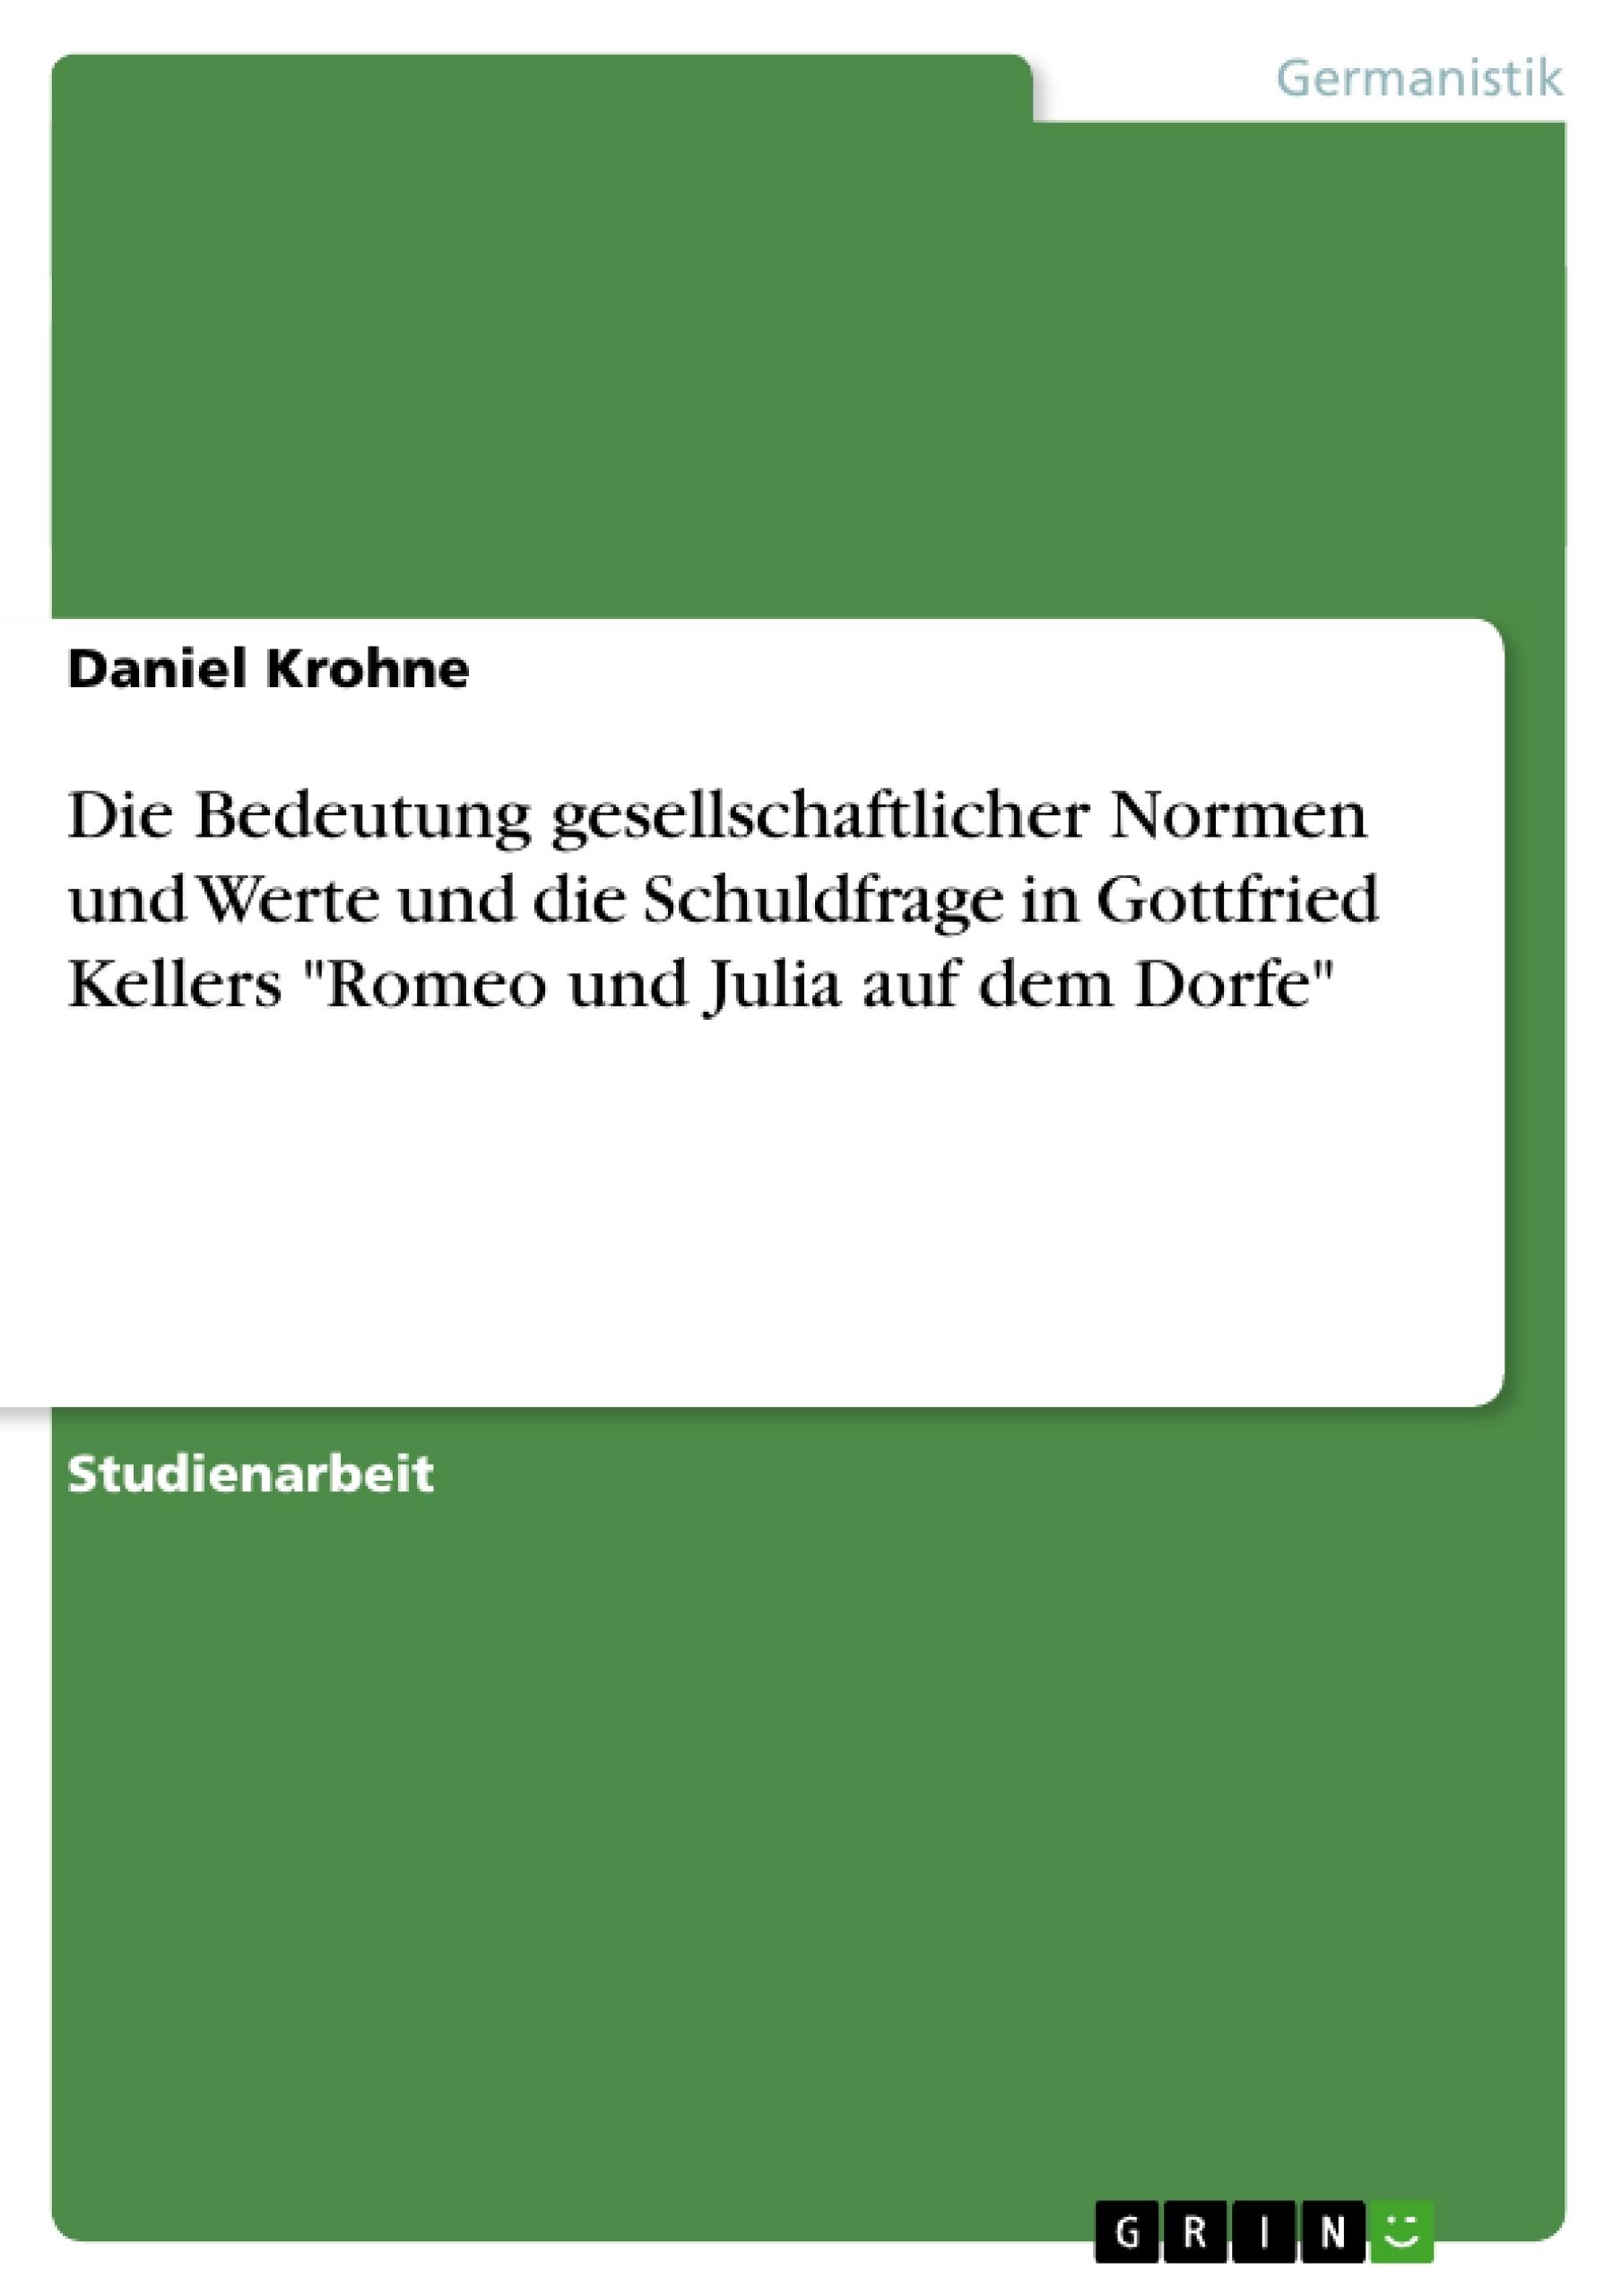 """Titel: Die Bedeutung gesellschaftlicher Normen und Werte und die Schuldfrage in Gottfried Kellers """"Romeo und Julia auf dem Dorfe"""""""